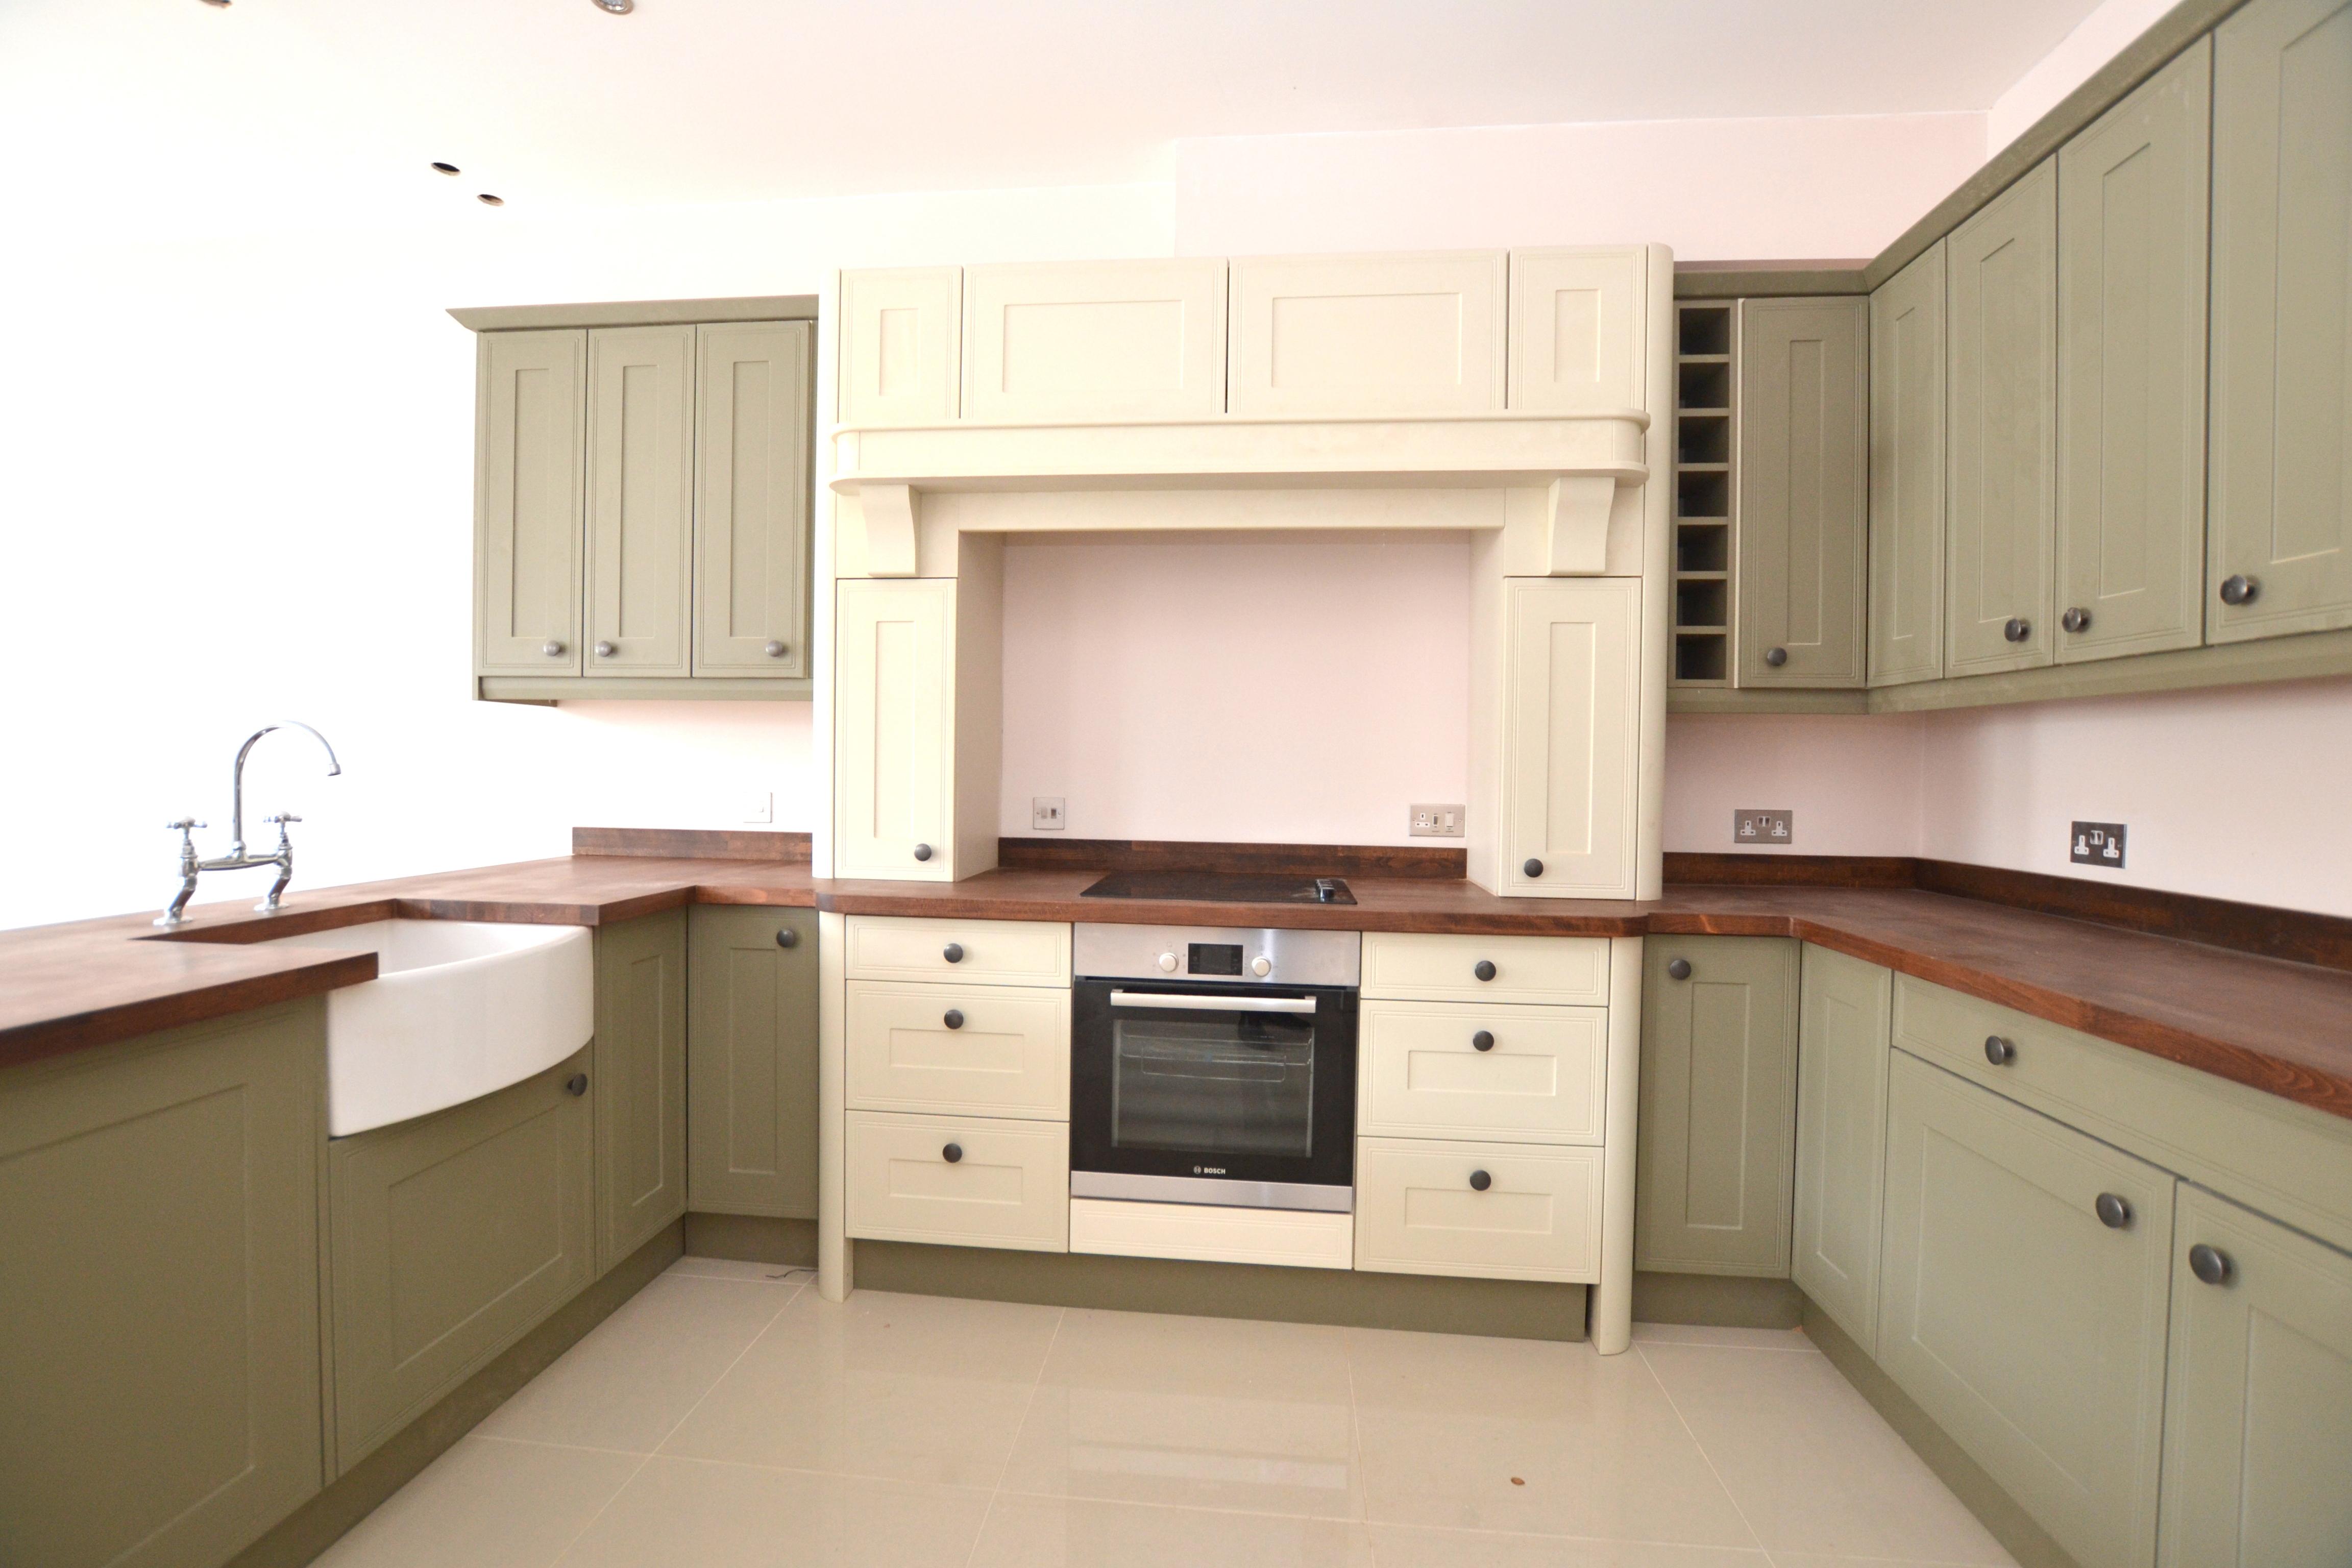 Hythe Hg St Kitchen (finished)